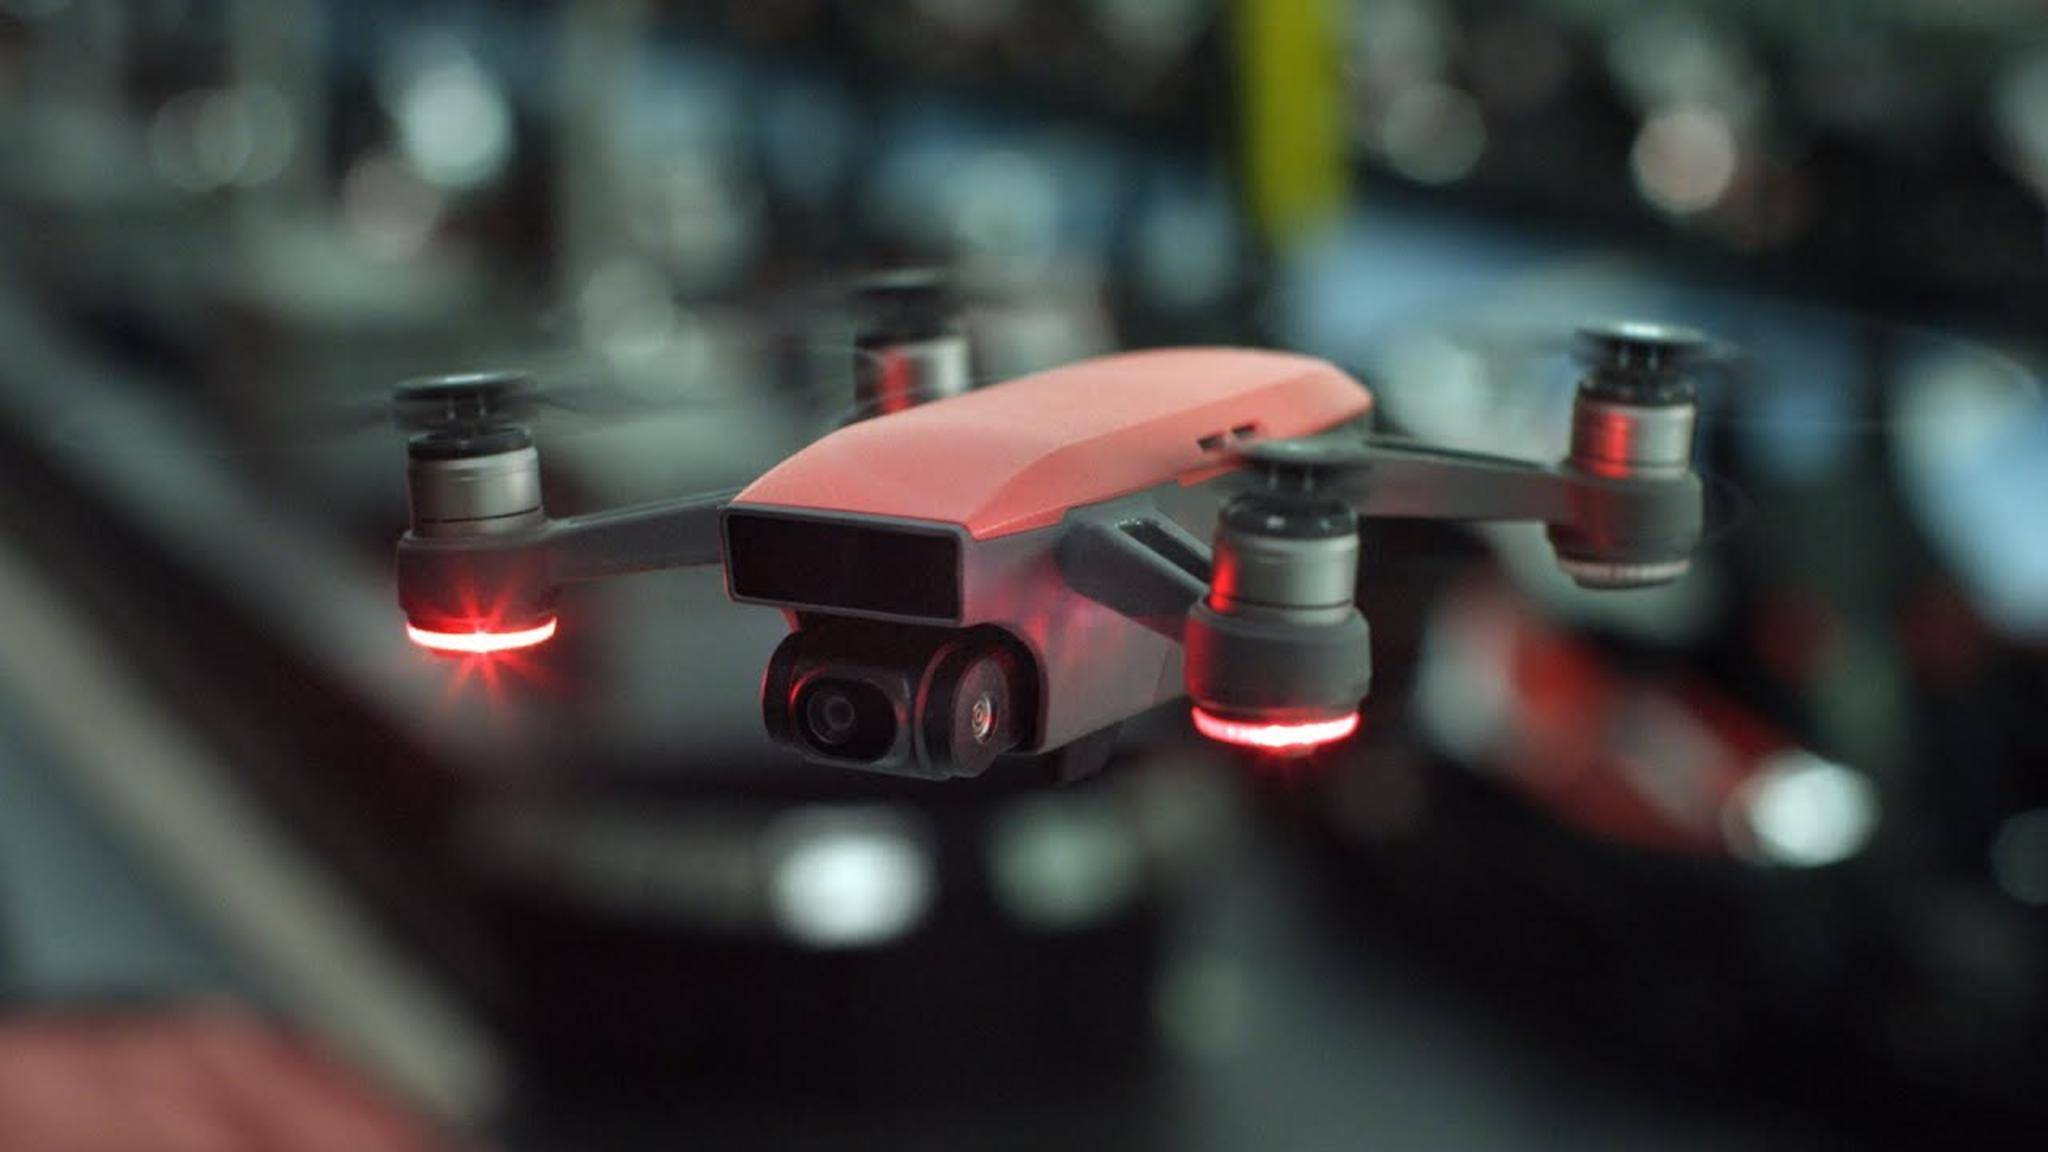 Die DJI Spark ist die neueste Mini-Drohne des chinesischen Herstellers.